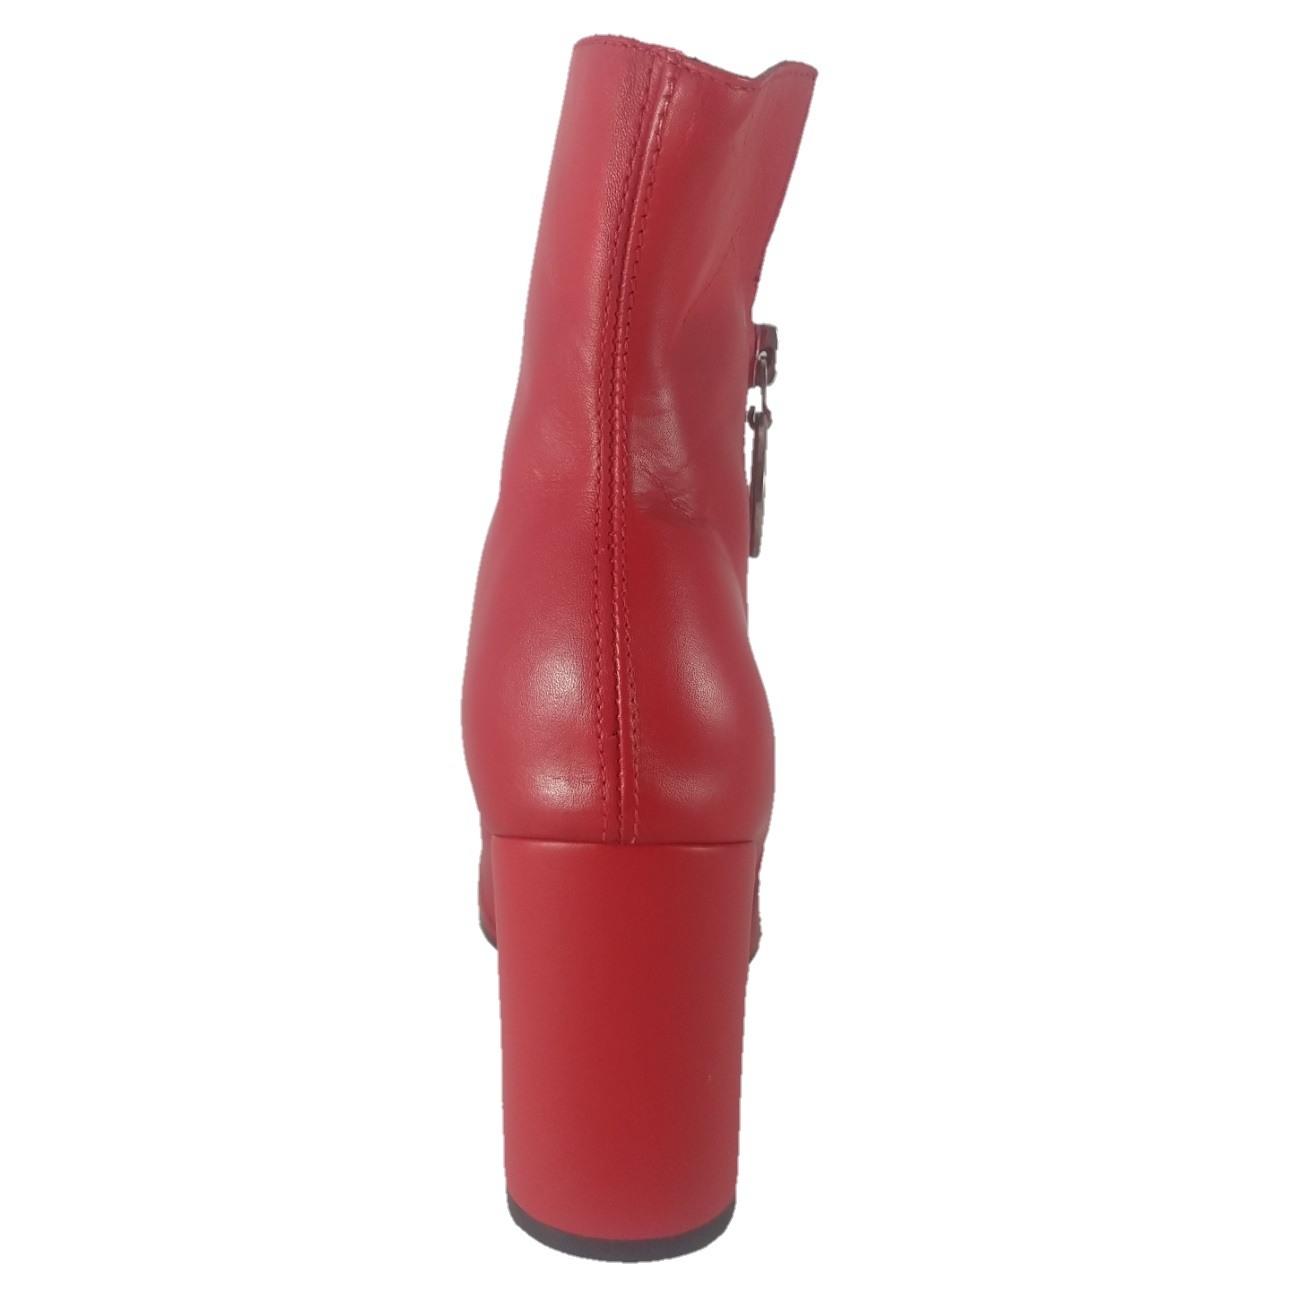 Bota Cano Baixo SapatoWeb Bico Fino Couro Vermelho  - SAPATOWEB.COM